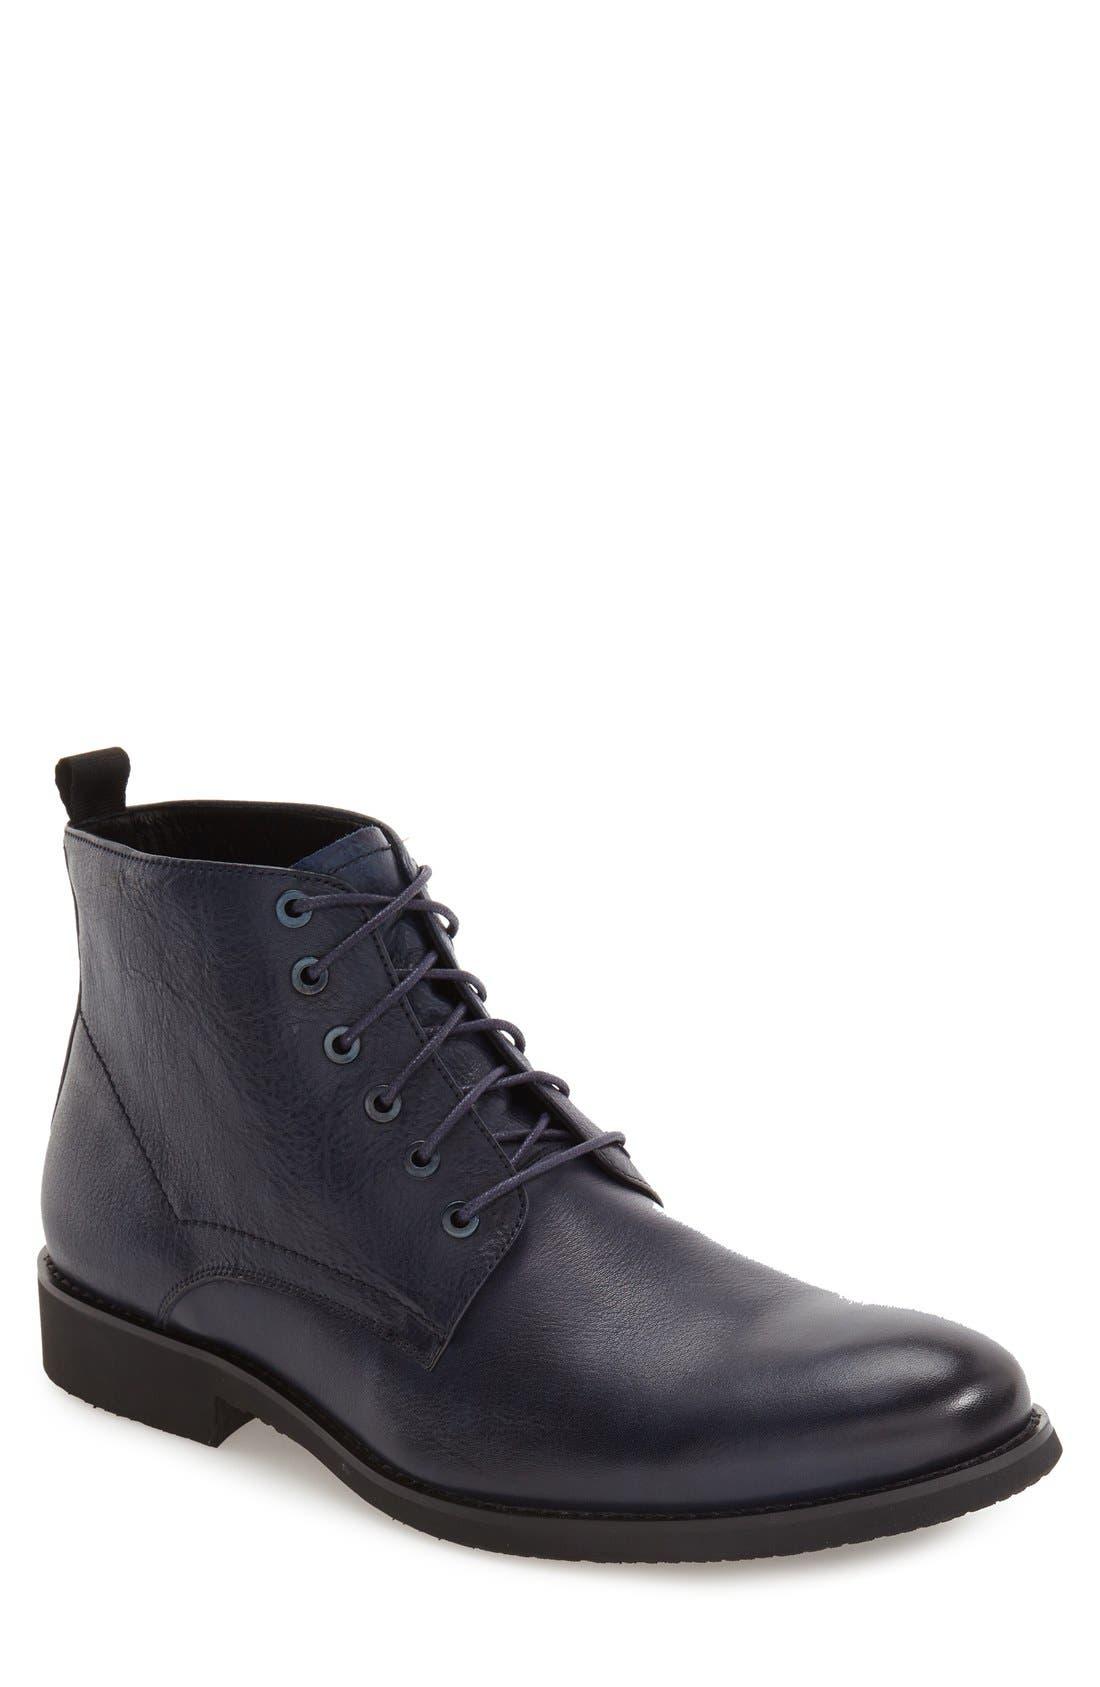 'Nereto' Plain Toe Boot,                         Main,                         color, NAVY